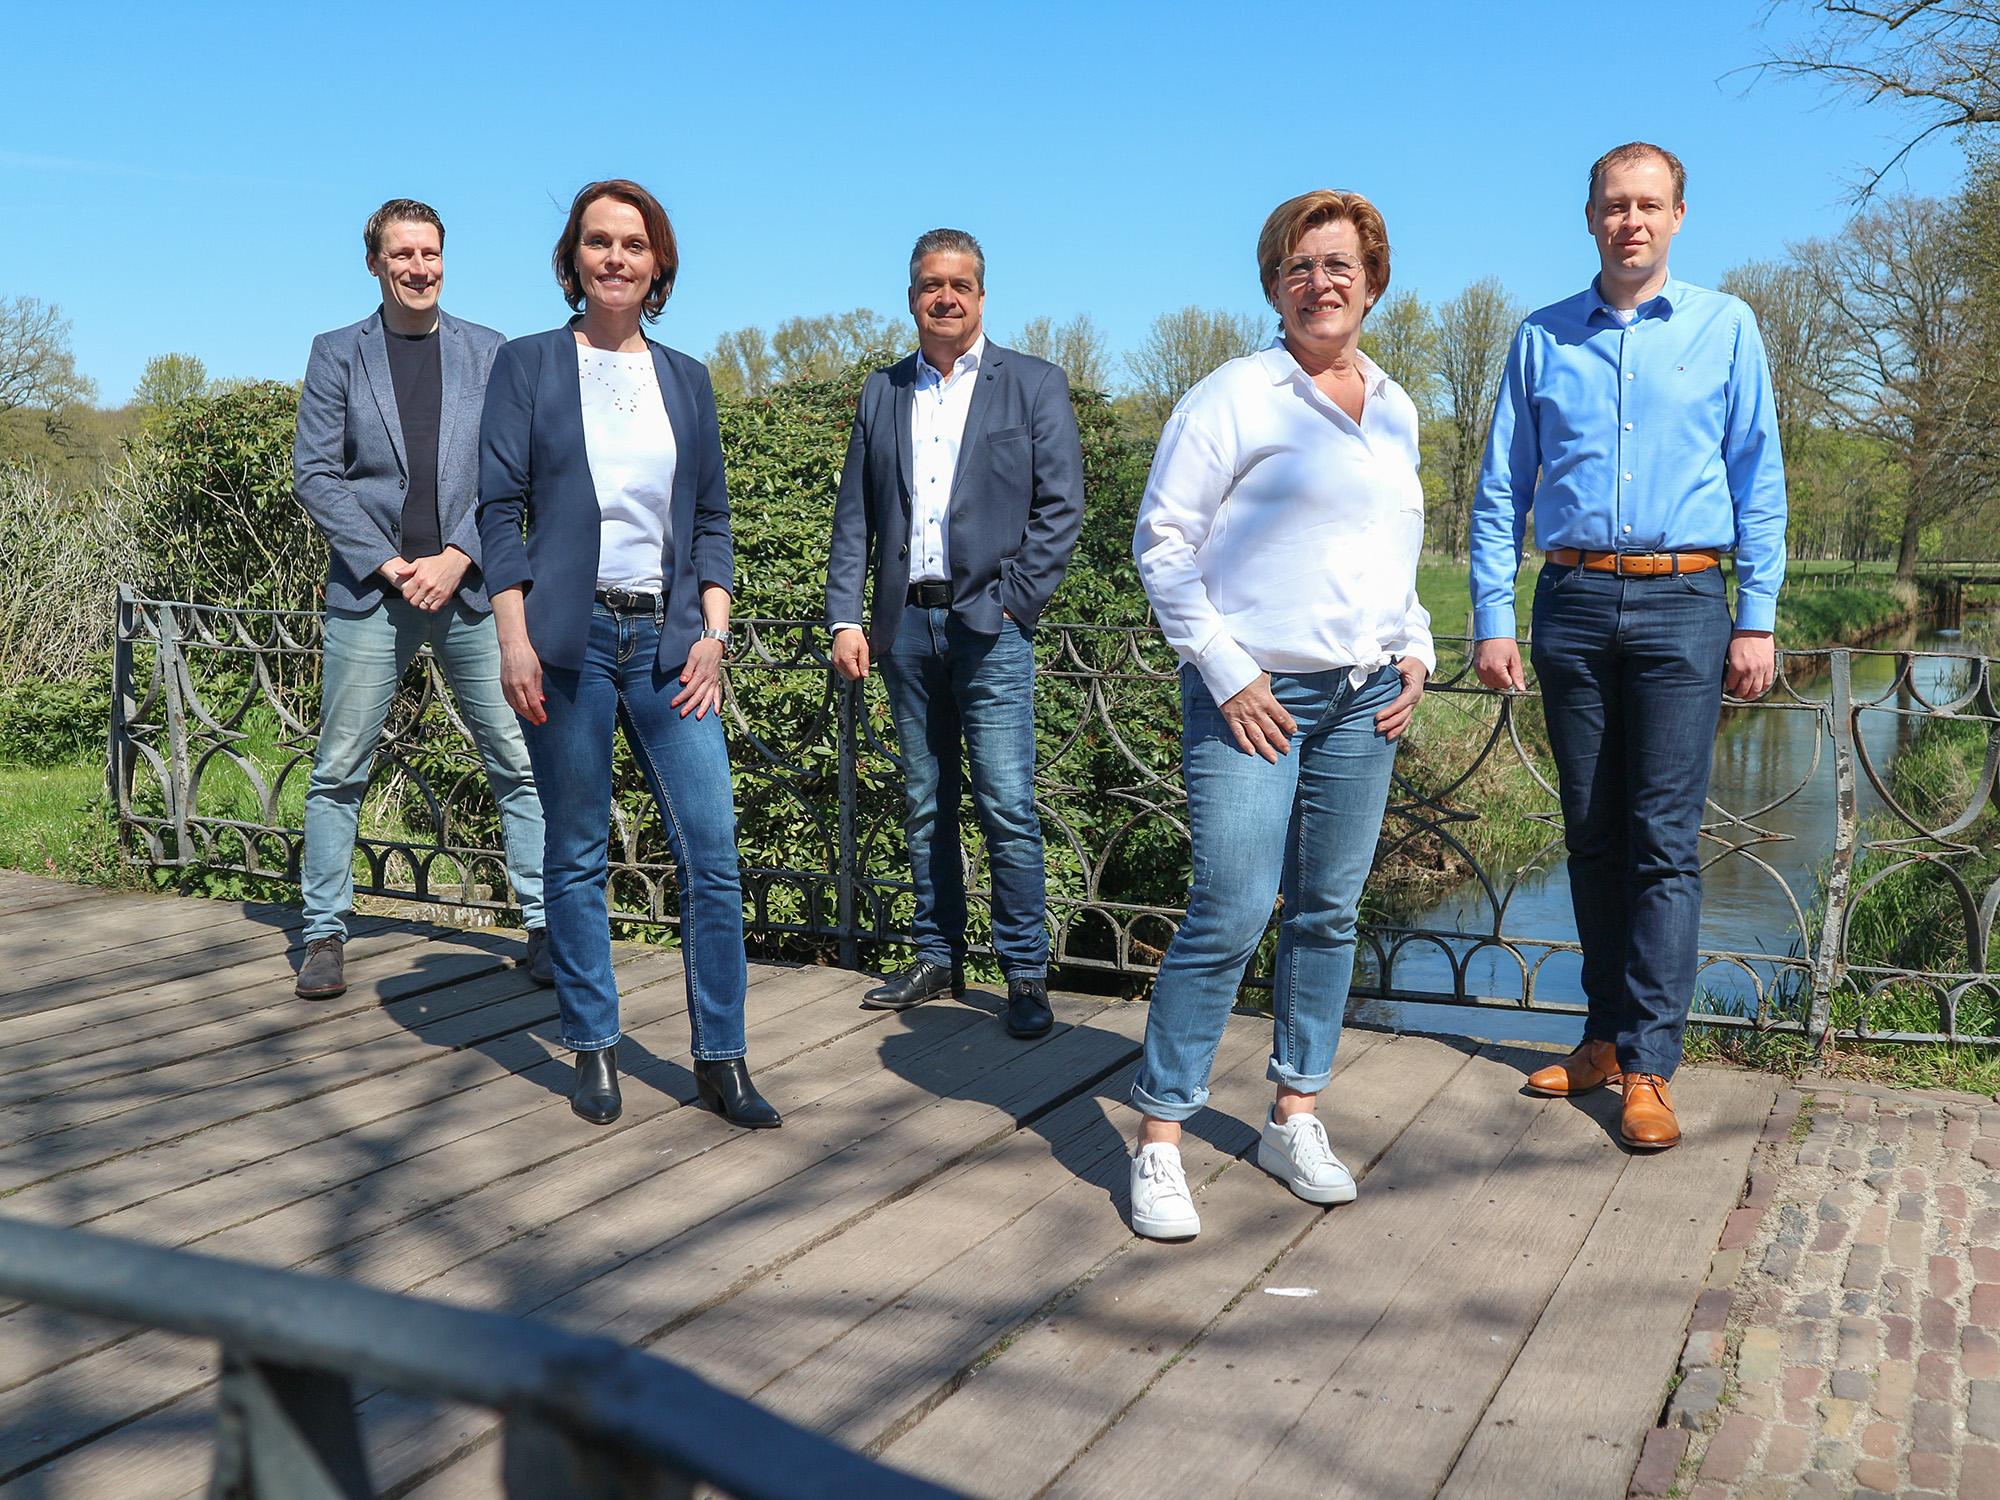 Groepsfoto medewerkers Finturo